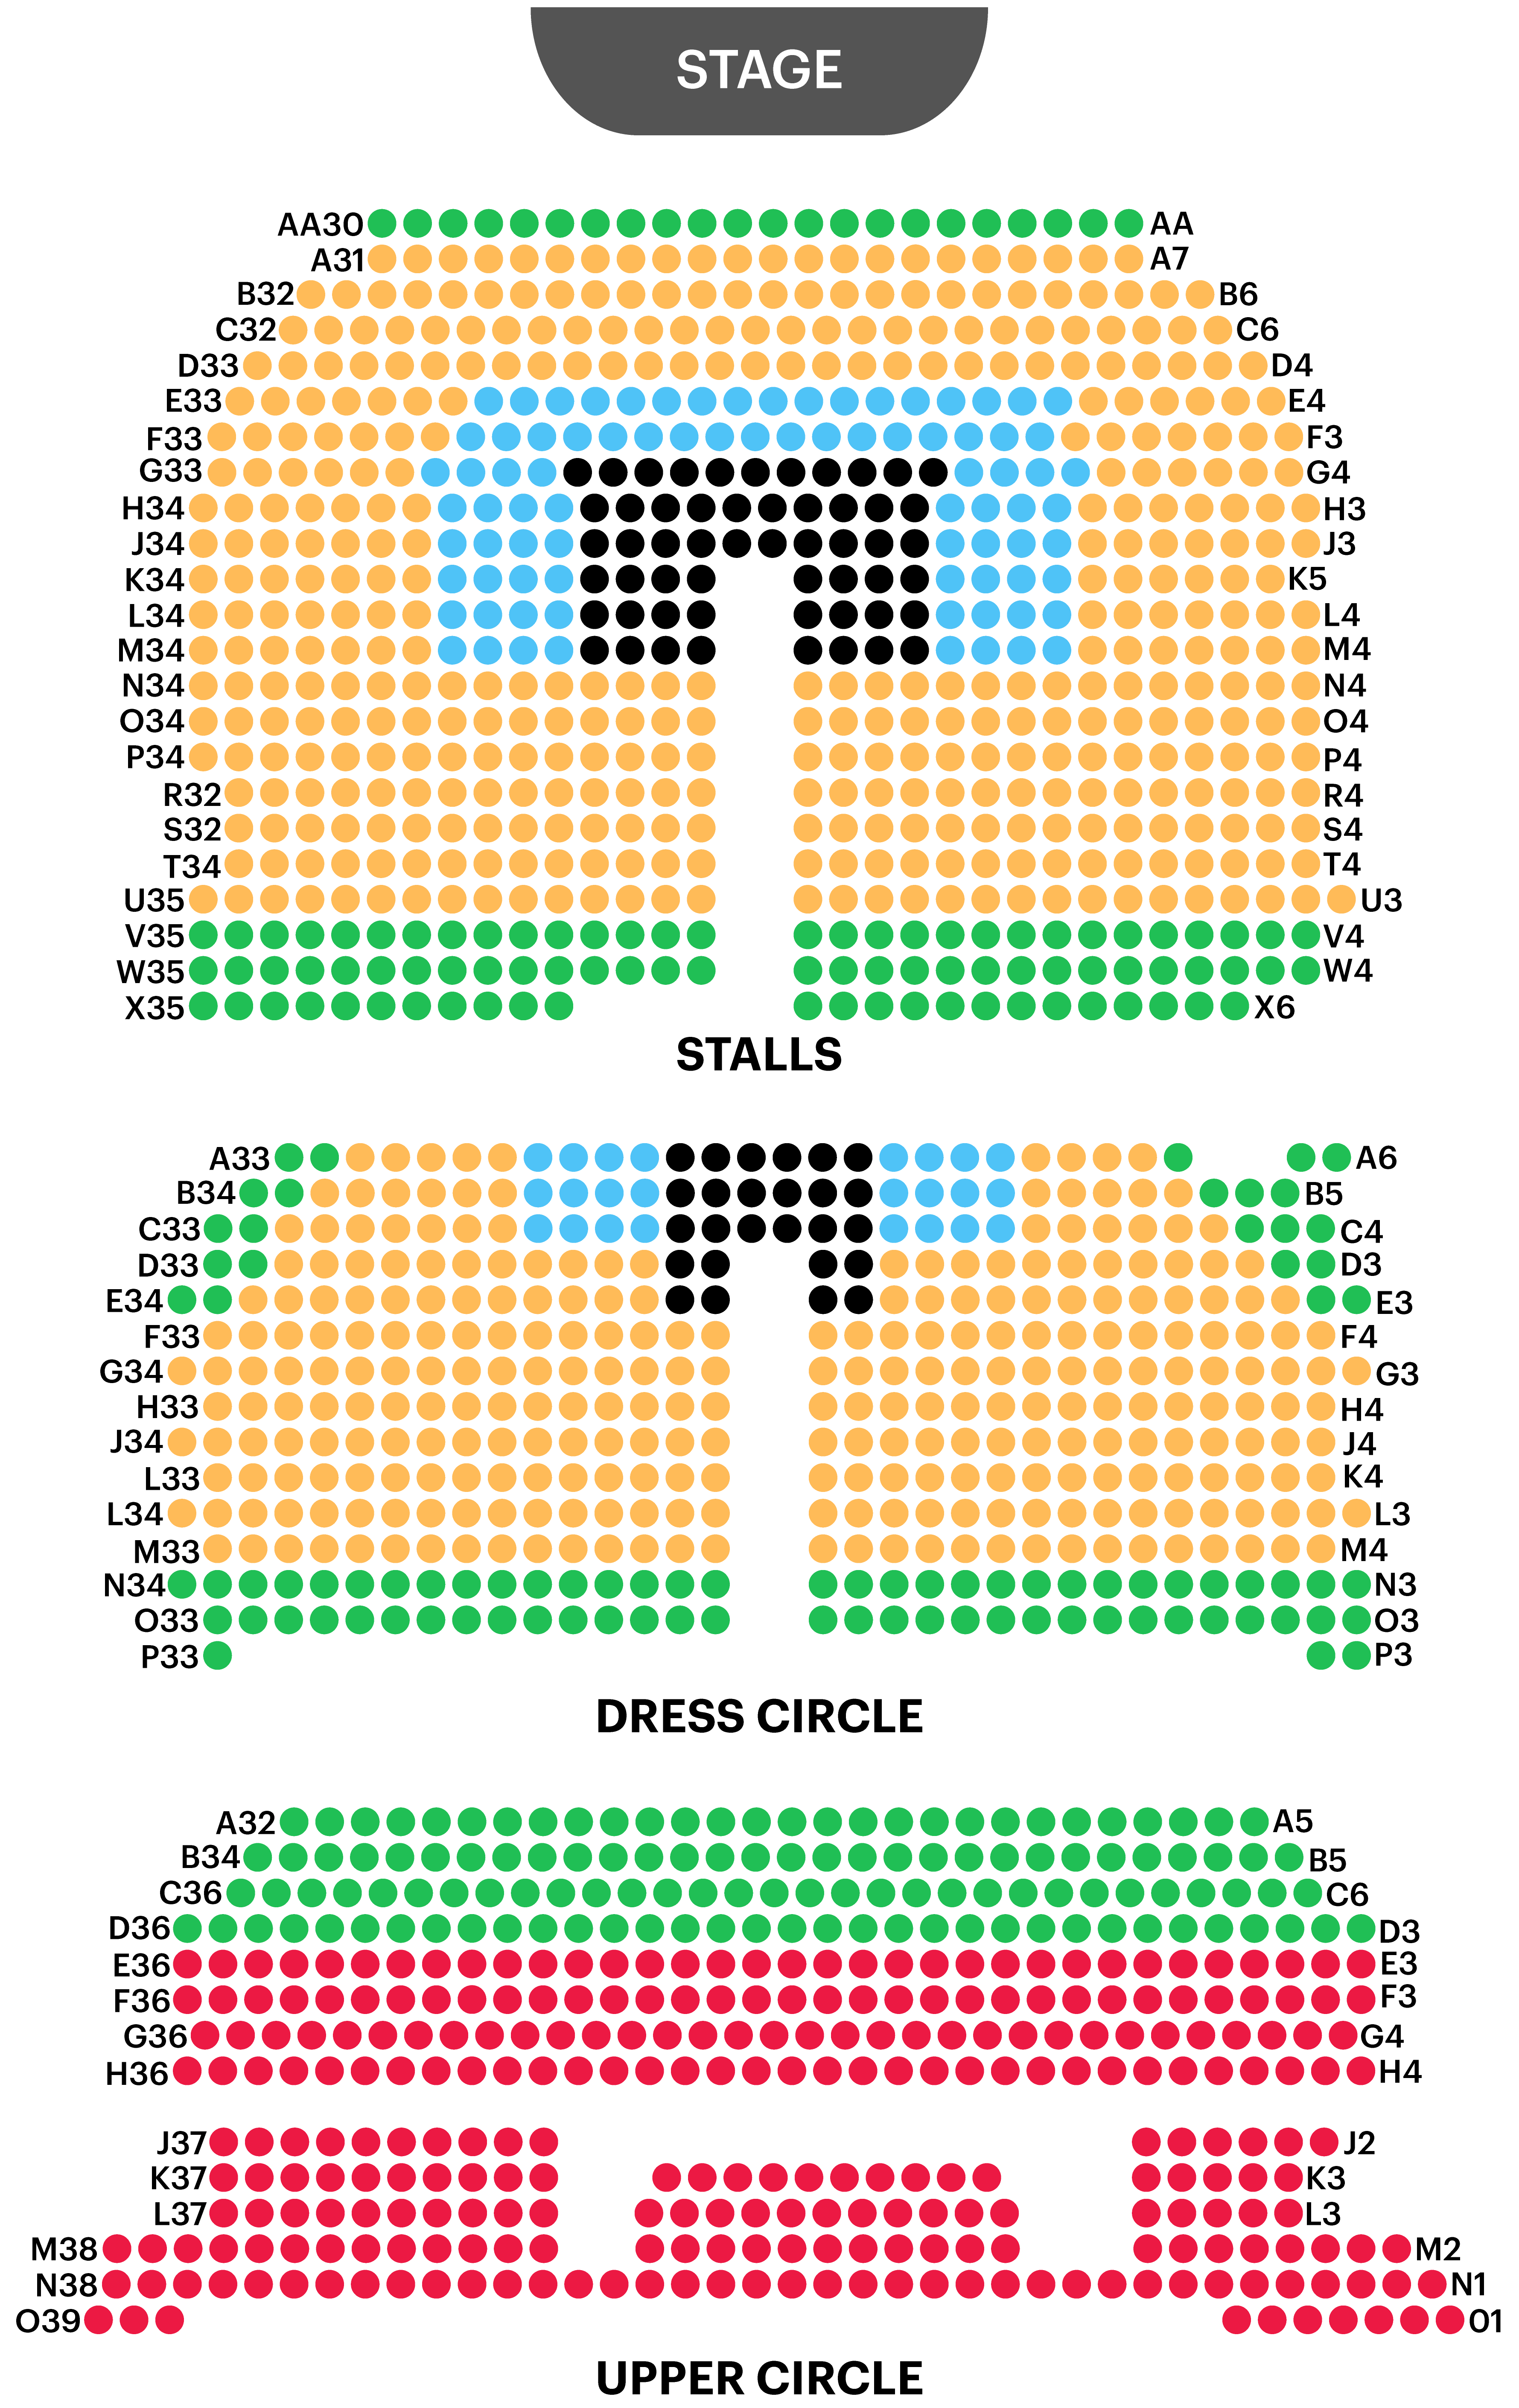 Adelphi Theatre Seating Plan